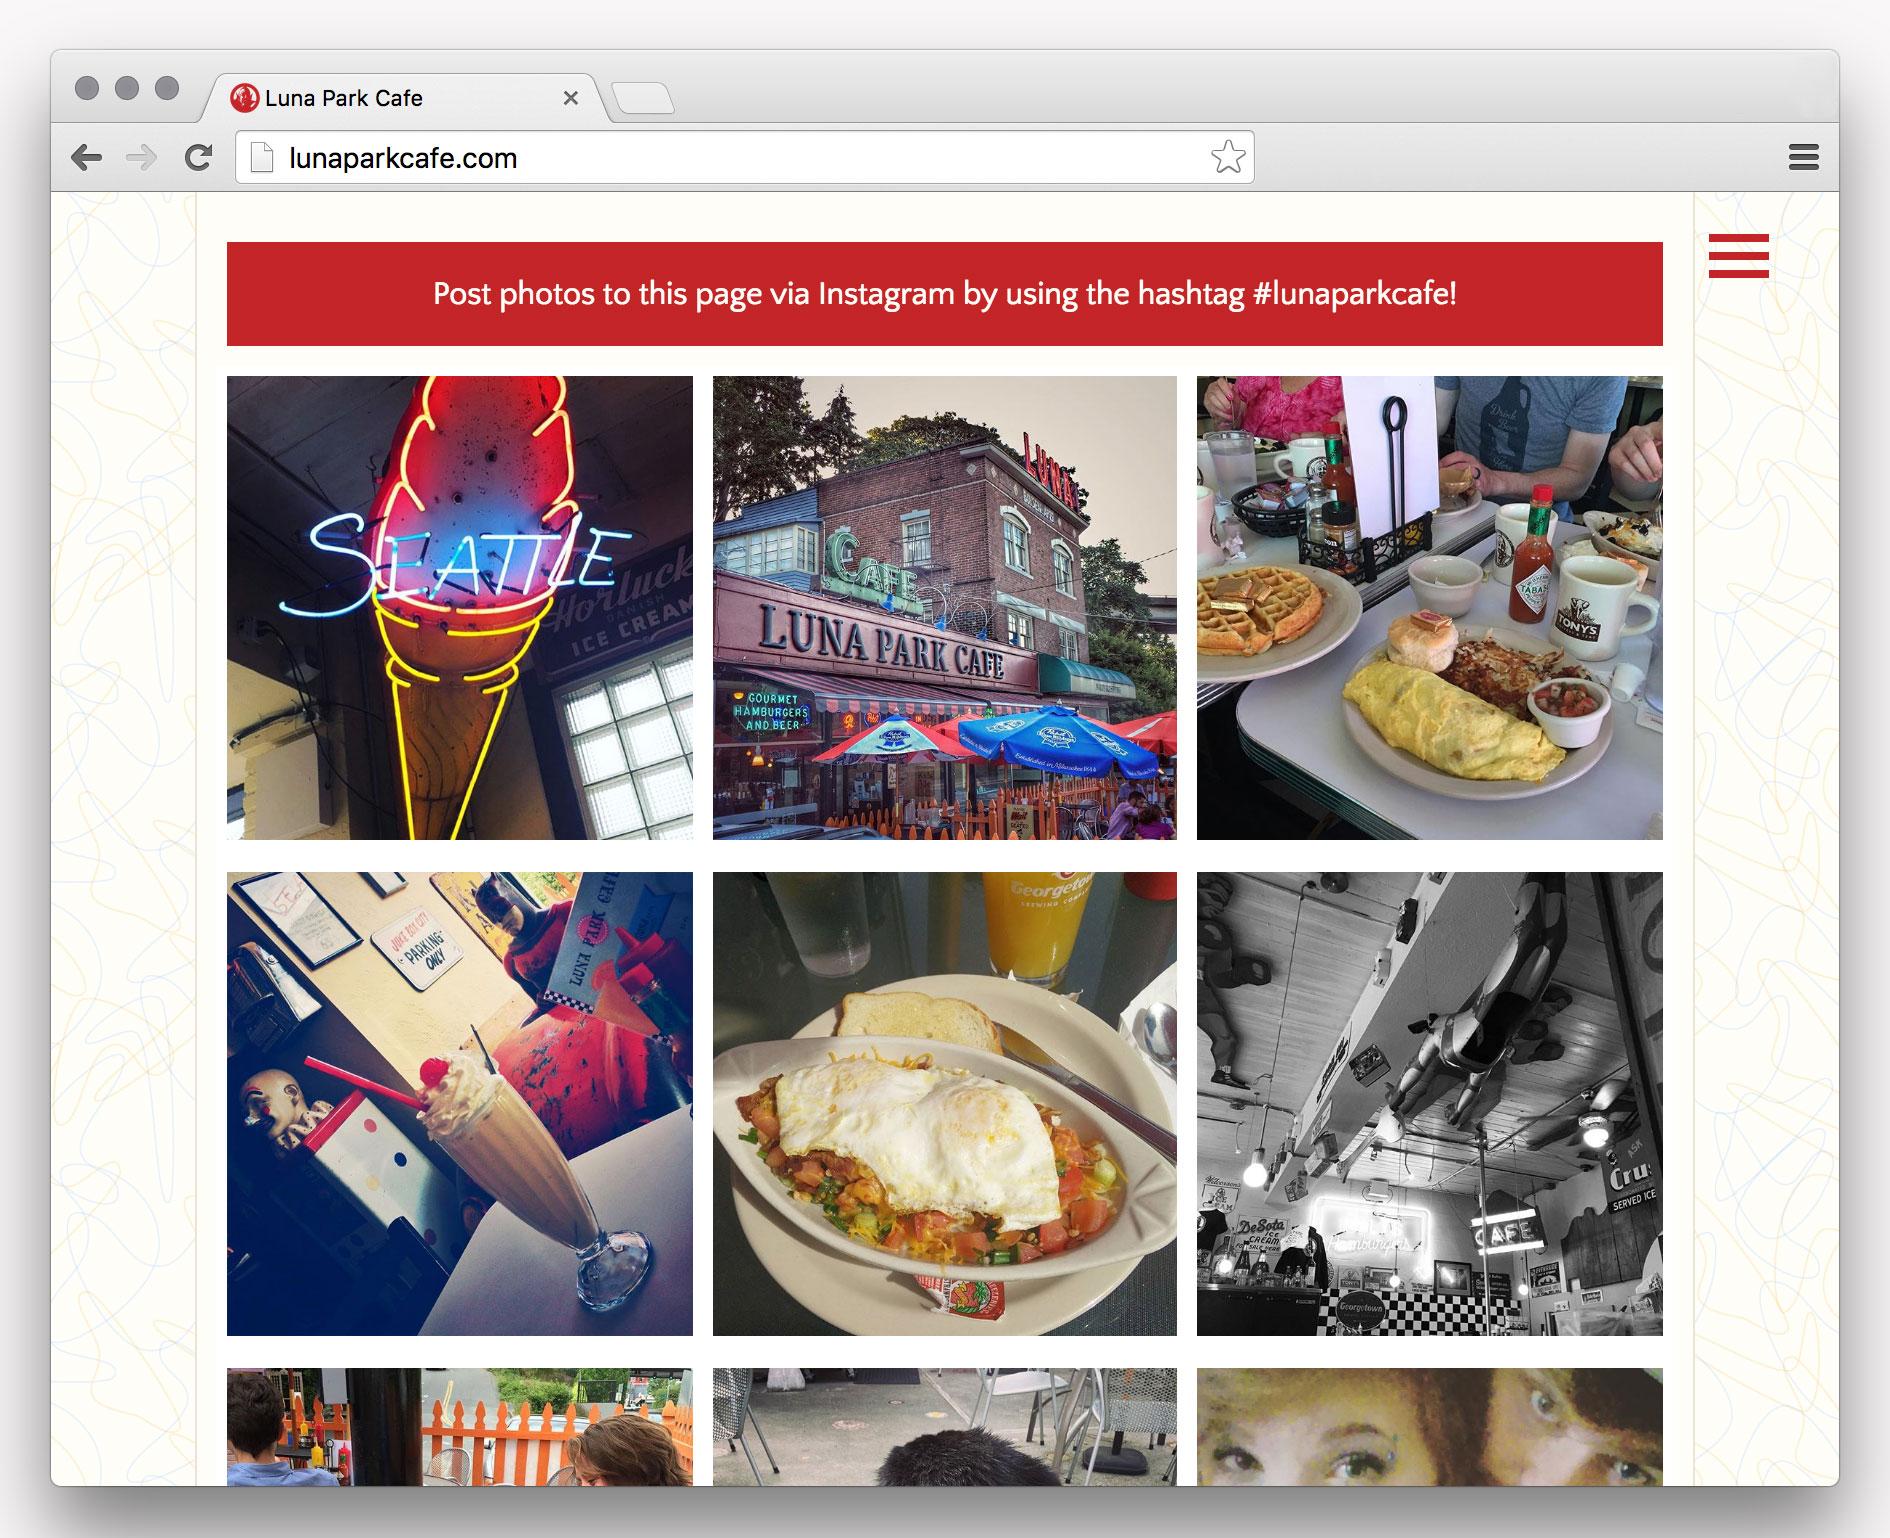 Luna Park Cafe website